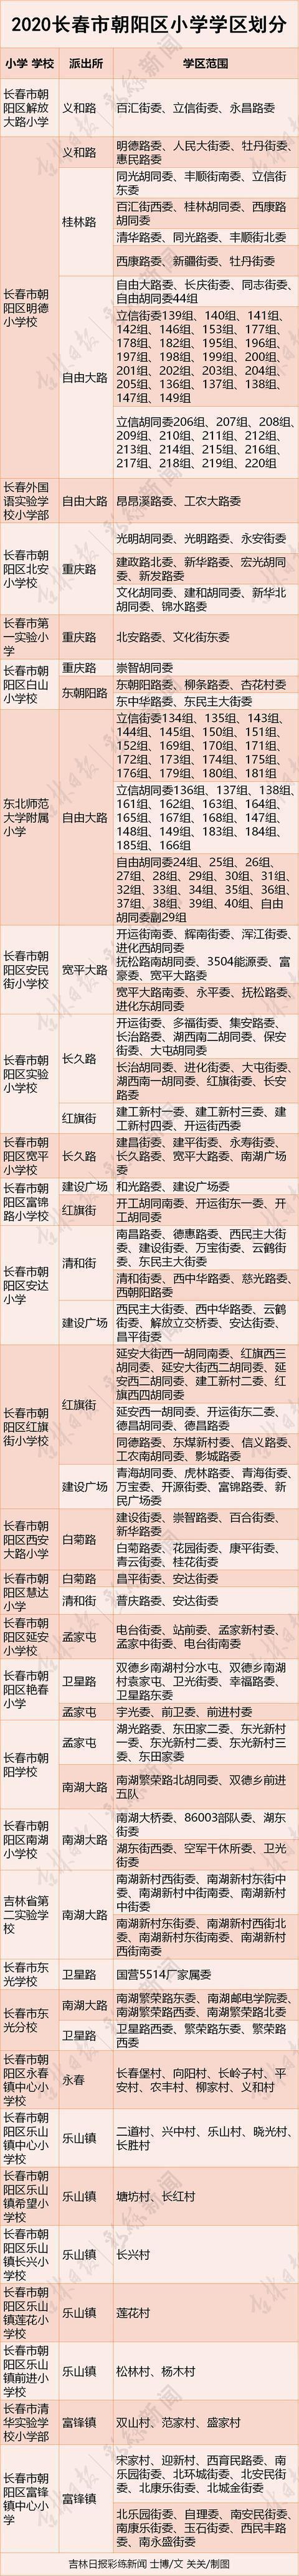 快看!2020年长春市朝阳区中小学学区划分来了!